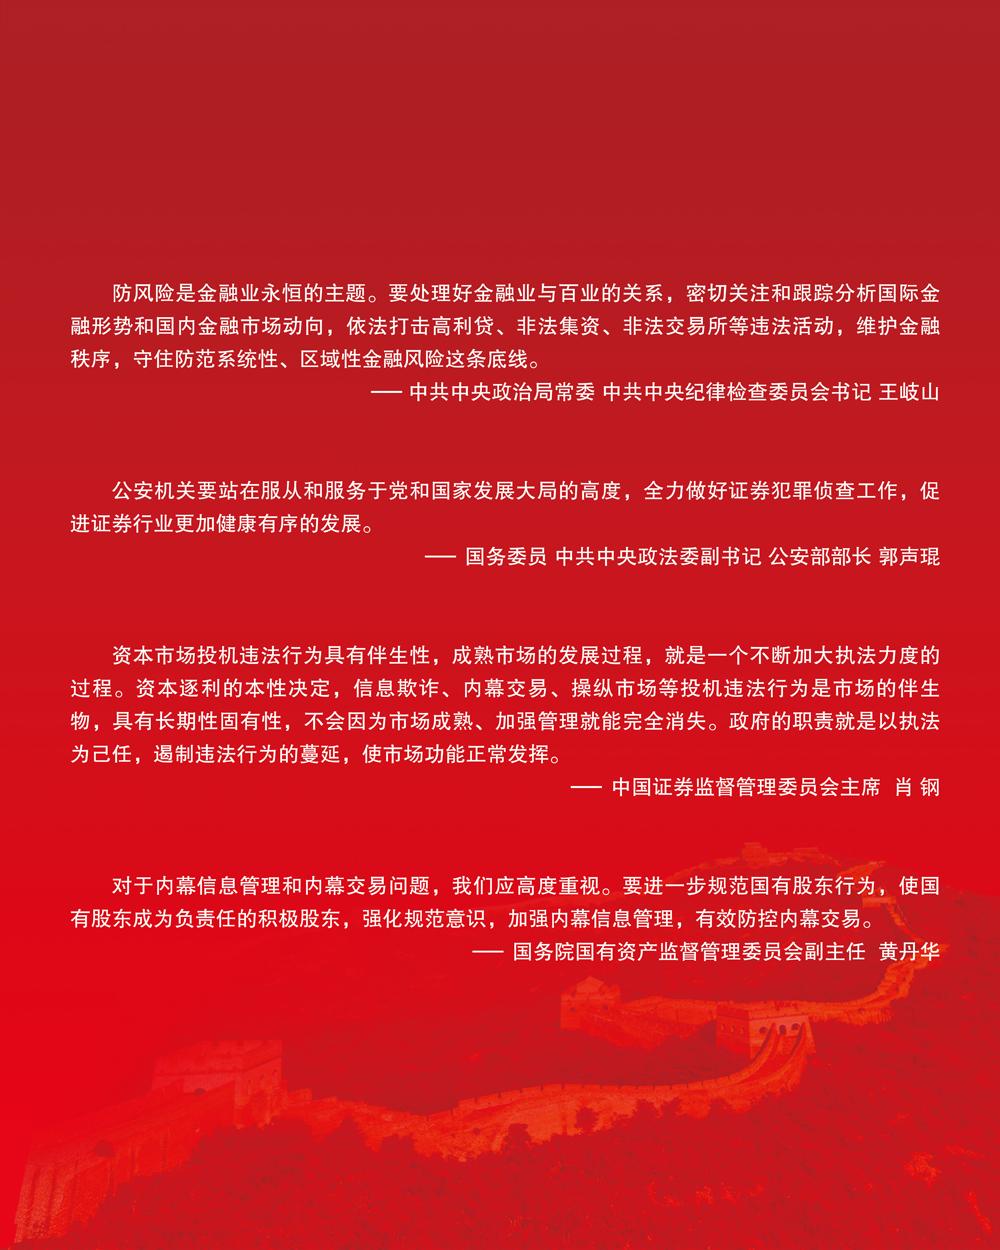 上海证监局内幕交易教育警示展03